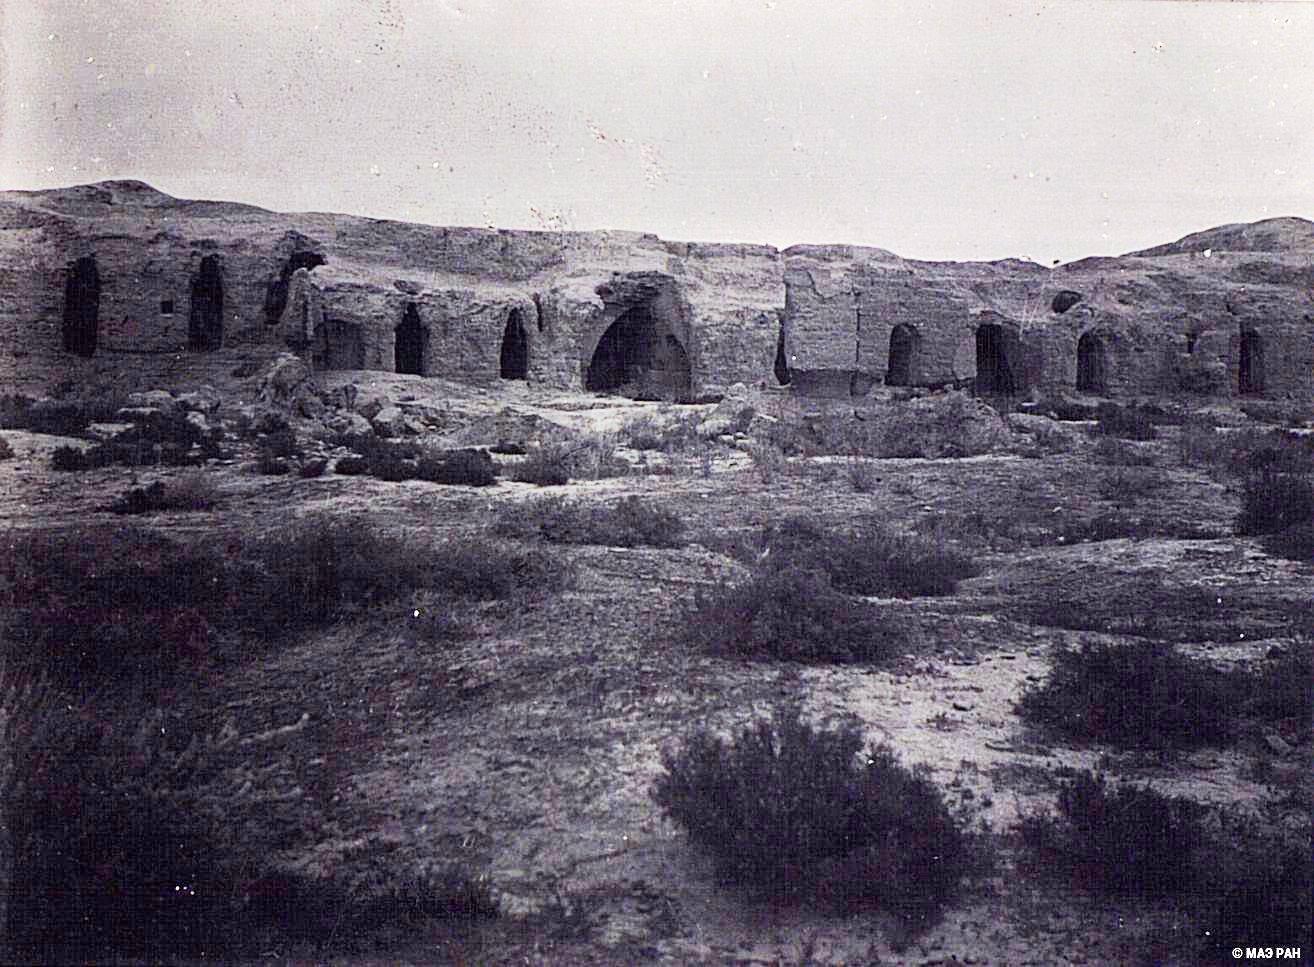 24. Развалины древней столицы Уйгурии Бишбалыка. Северная городская стена с пещерами